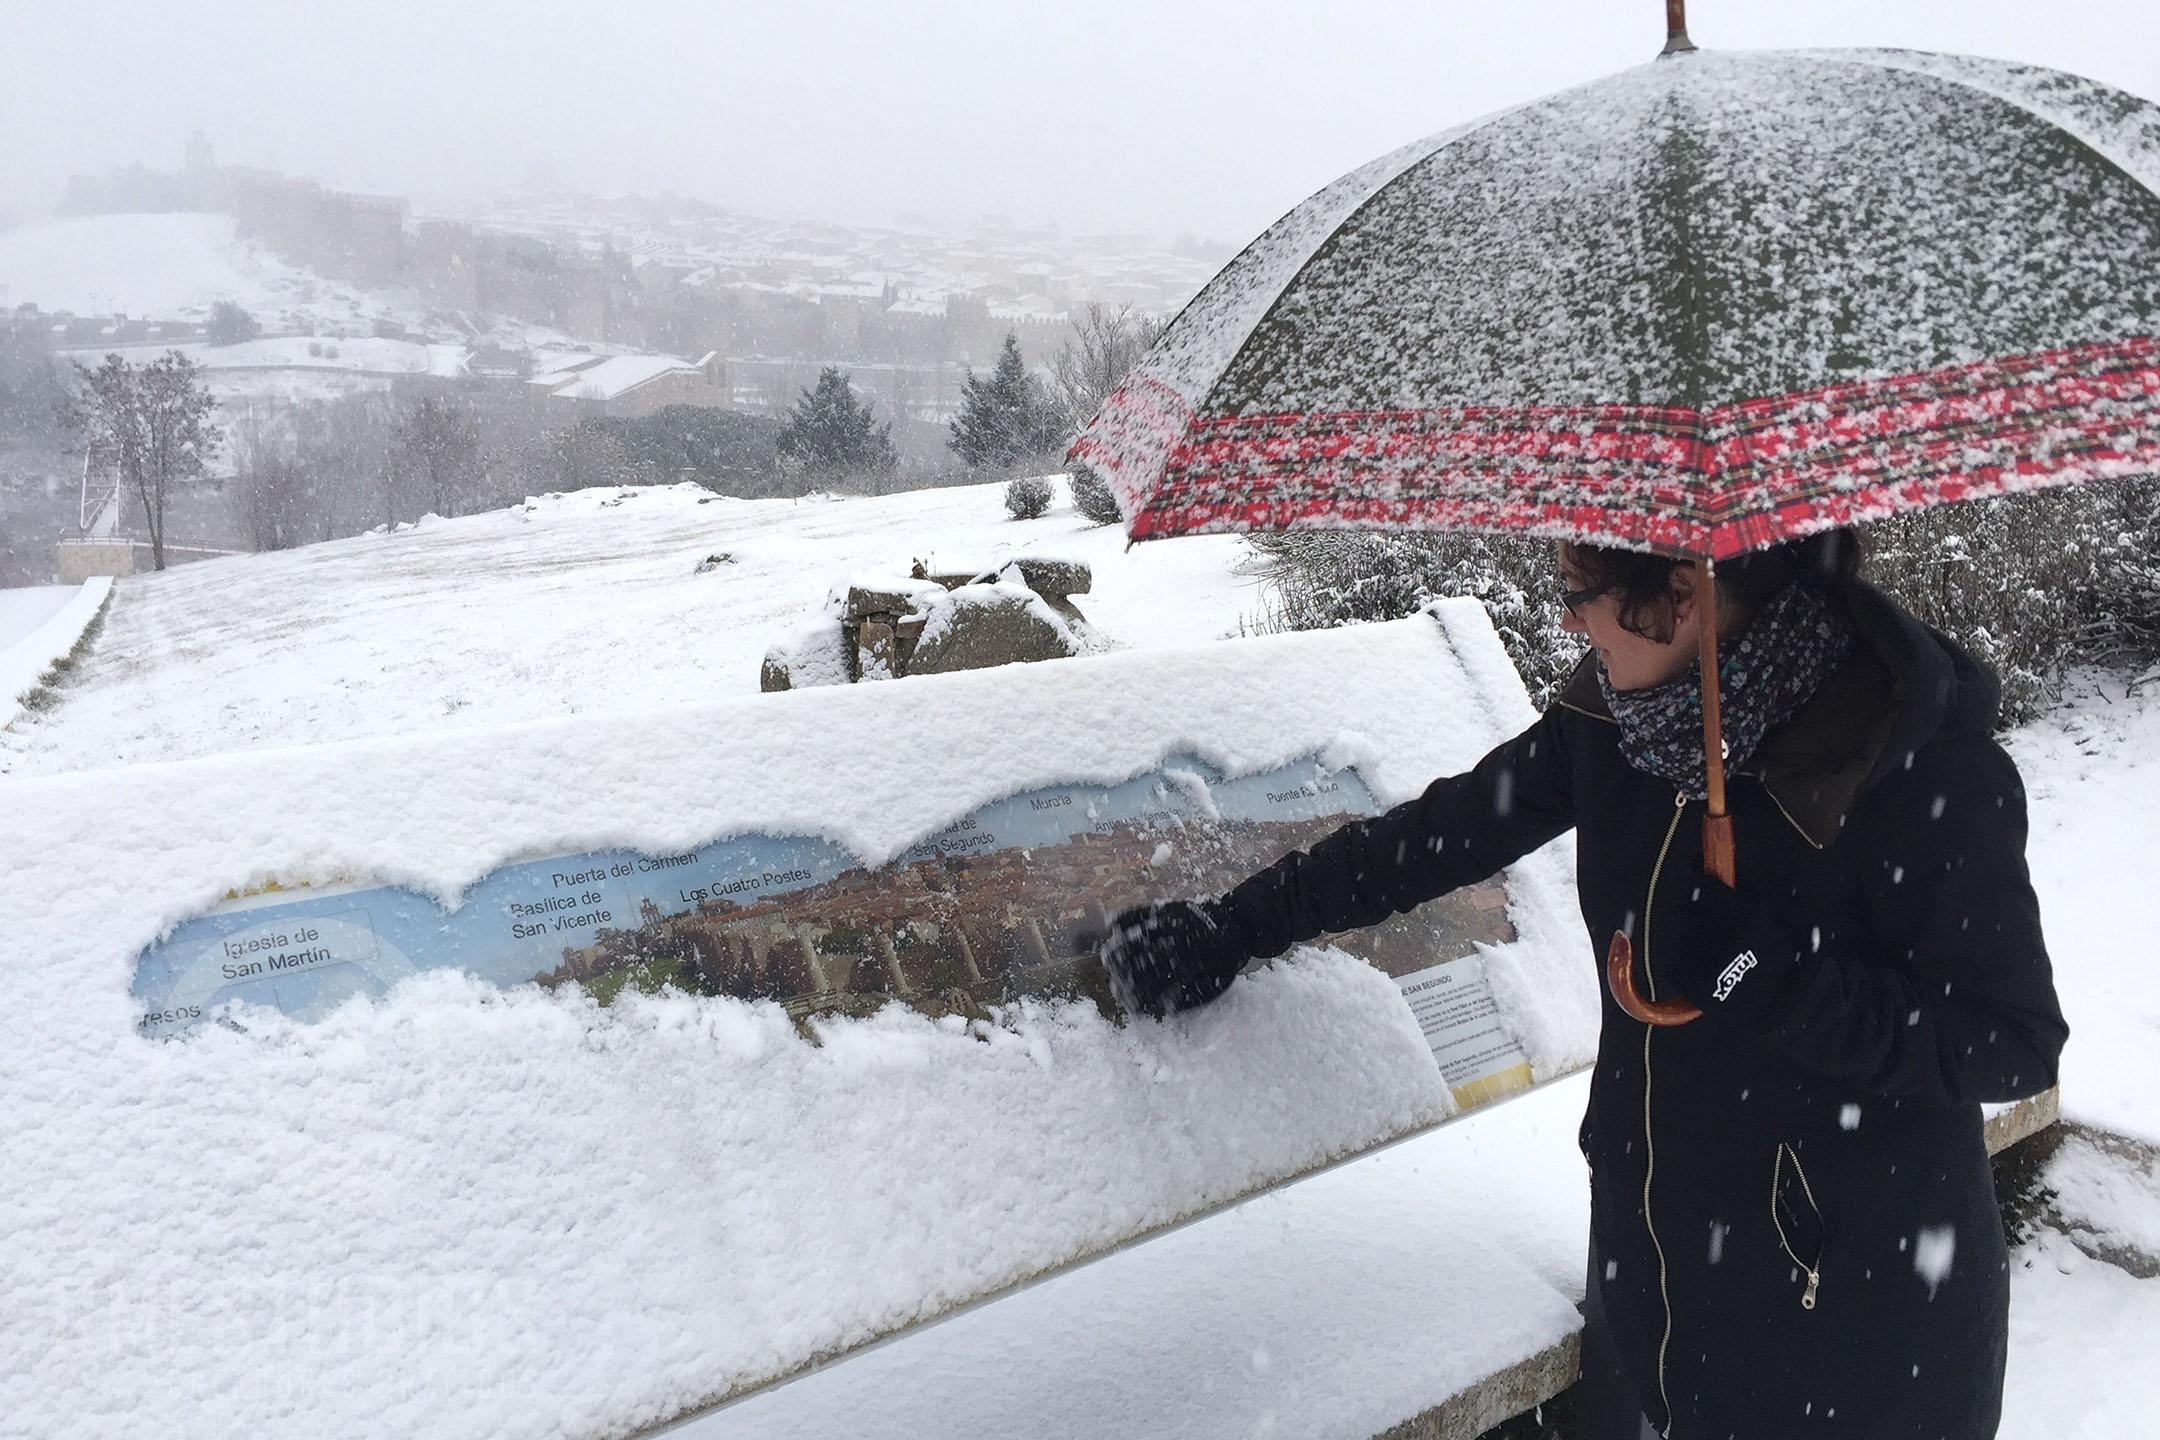 Nieve en Avila